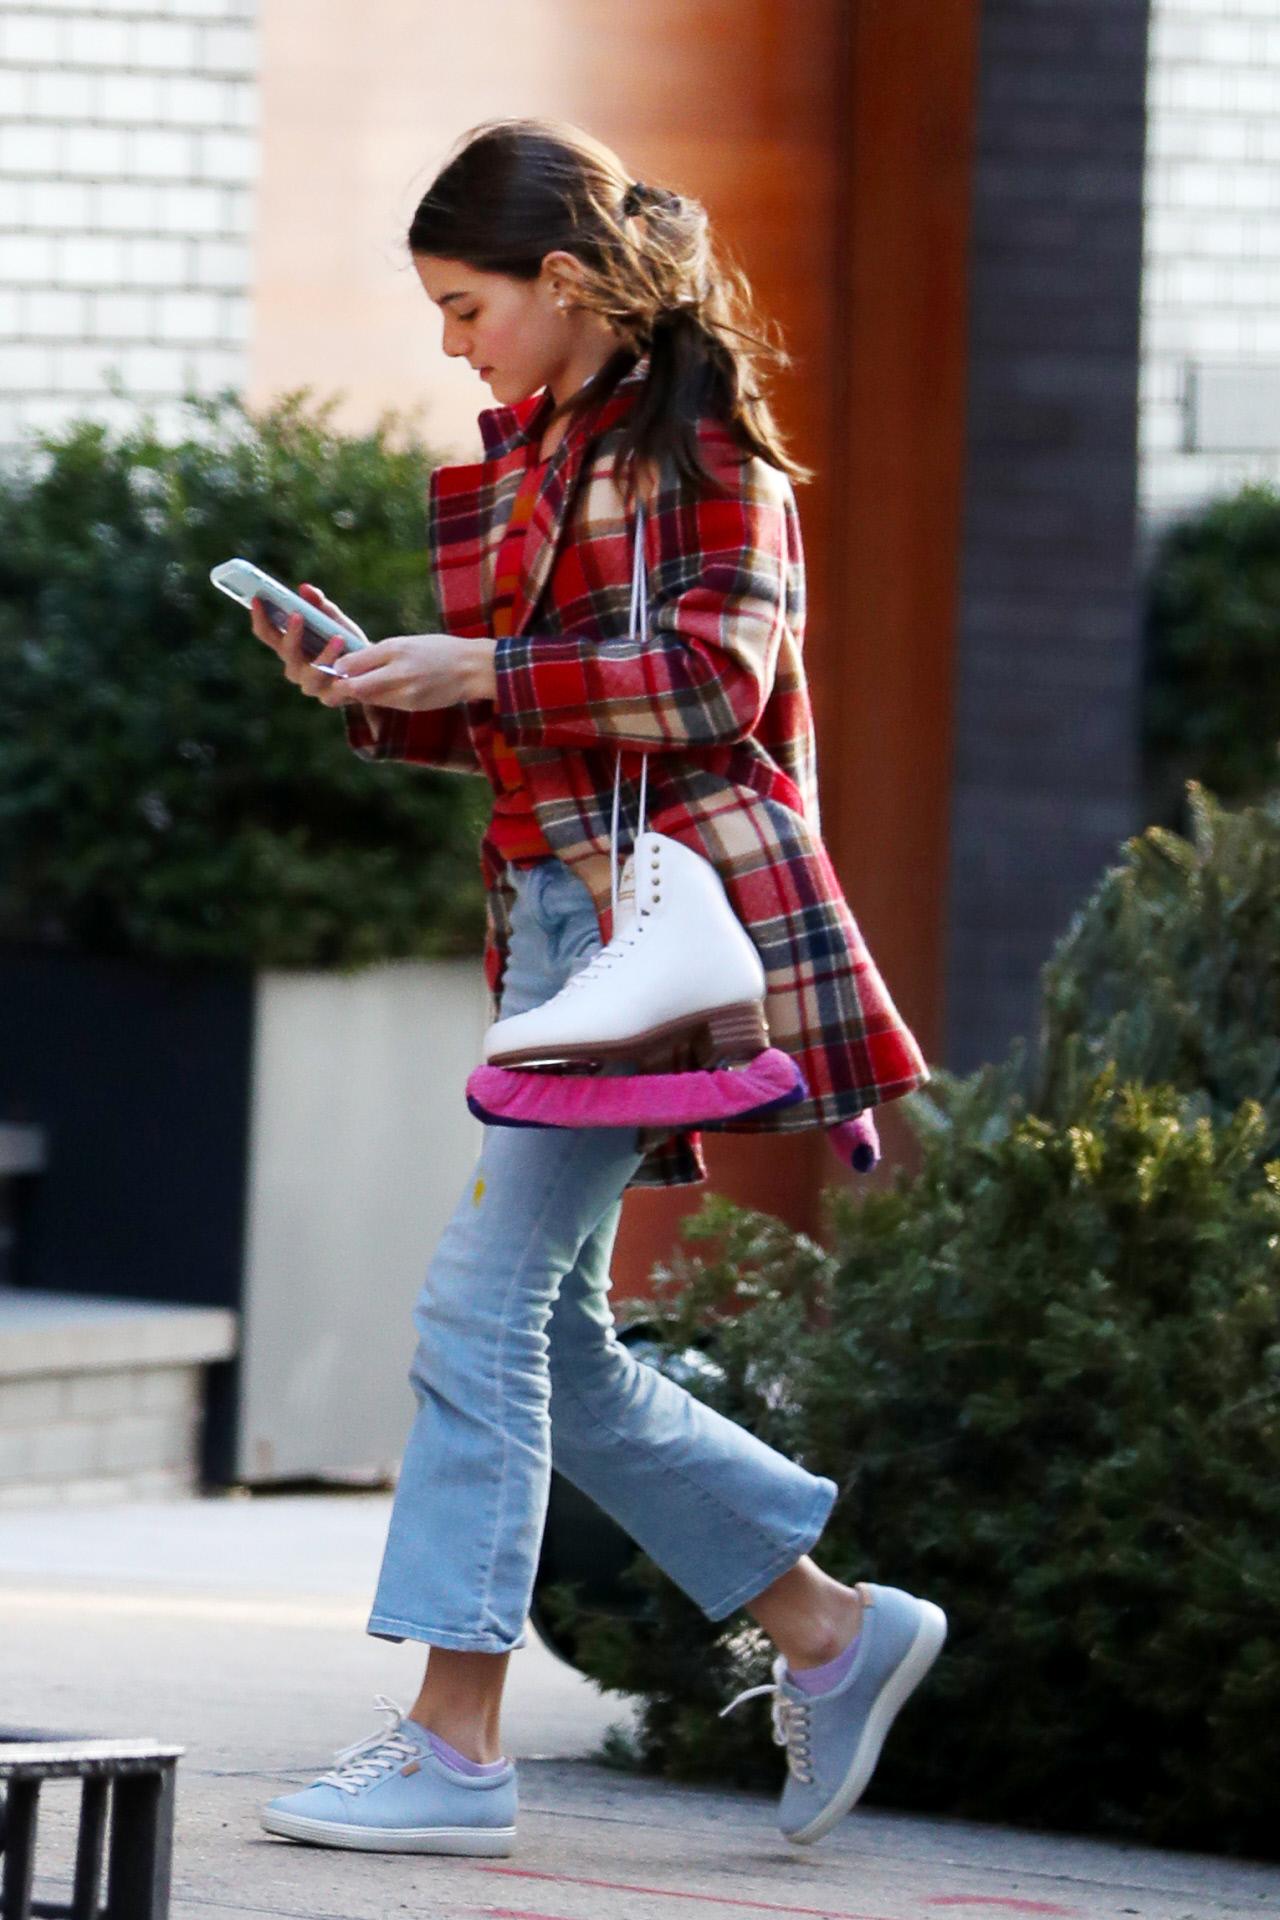 Suri Cruise con abrigo de cuadros, jeans y zapatillas.